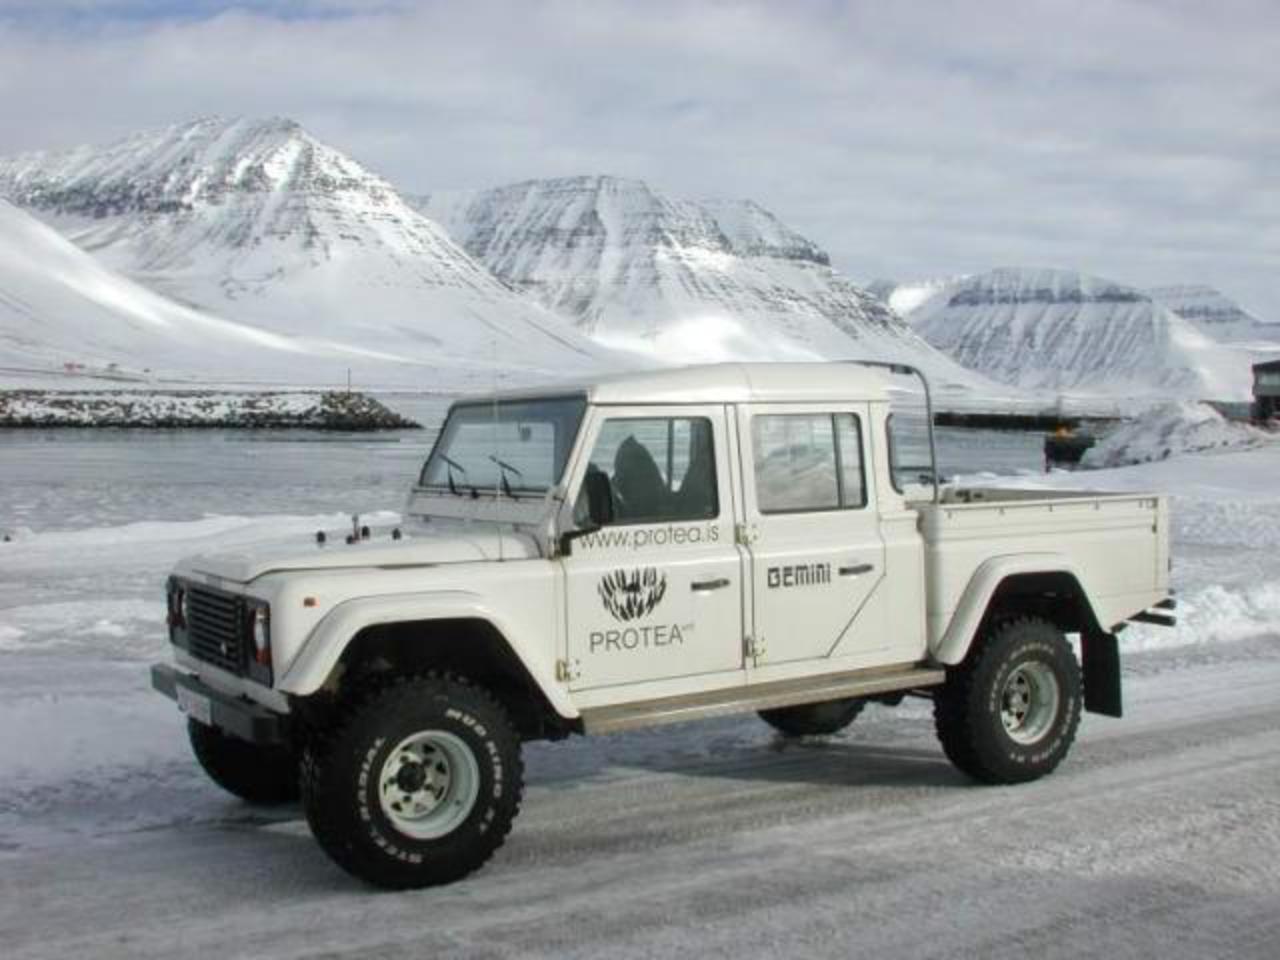 Land Rover Defender Image B on Dodge Ram 6500